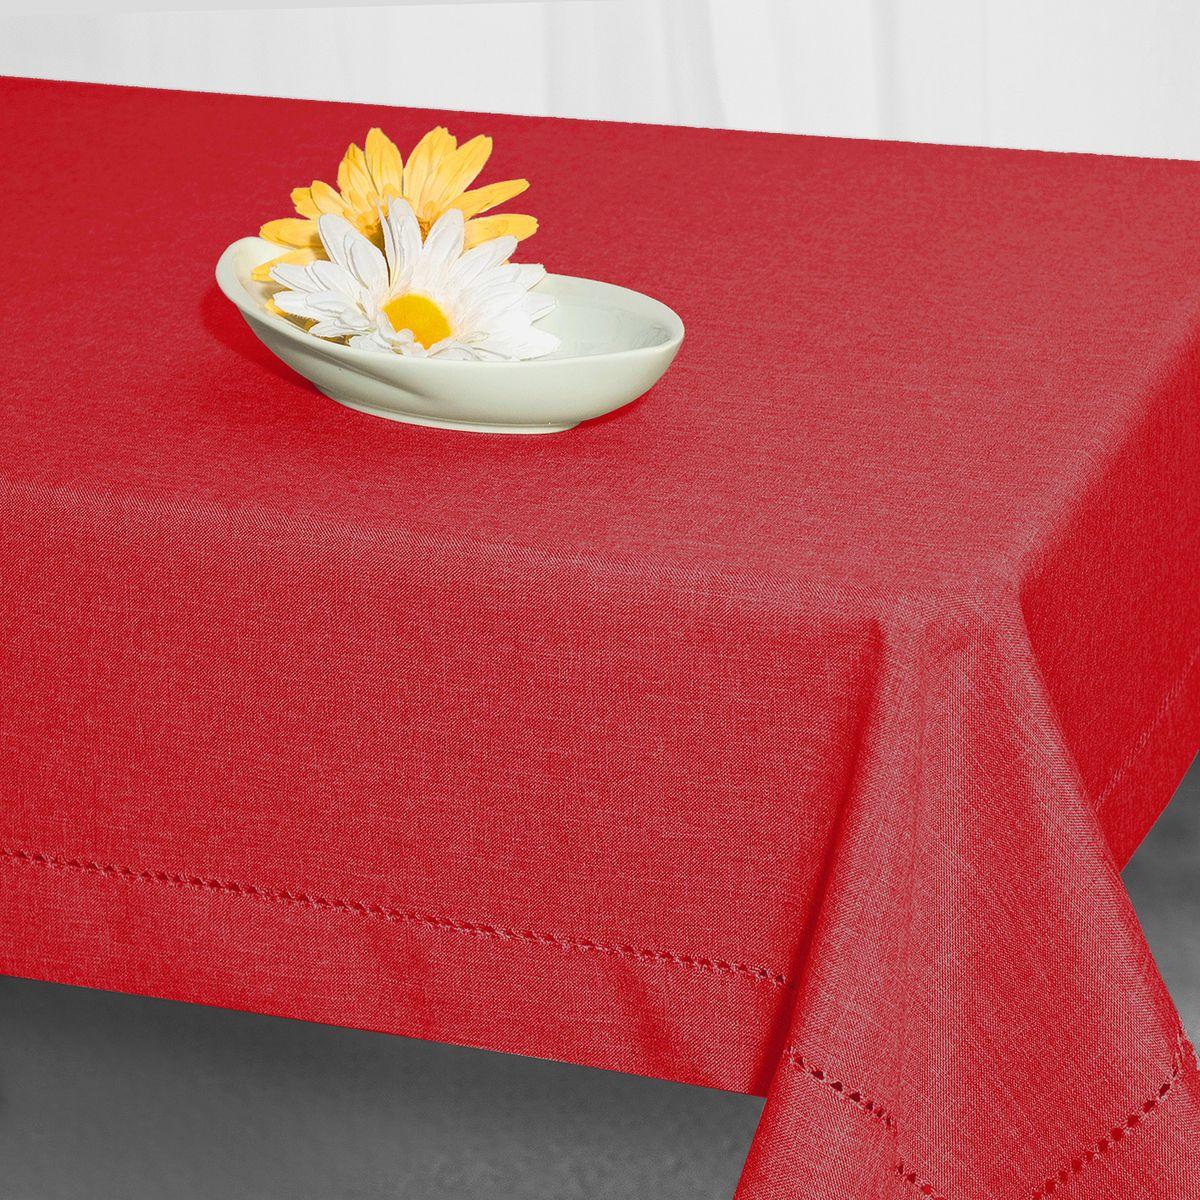 Скатерть Schaefer, прямоугольная, цвет: красный, 130 x 220 см. 07601-4491004900000360Стильная скатерть Schaefer выполнена из полиэстера.Изделия из полиэстера легко стирать: они не мнутся, не садятся и быстро сохнут, они более долговечны, чем изделия из натуральных волокон.Немецкая компания Schaefer создана в 1921 году. На протяжении всего времени существования она создает уникальные коллекции домашнего текстиля для гостиных, спален, кухонь и ванных комнат. Дизайнерские идеи немецких художников компании Schaefer воплощаются в текстильных изделиях, которые сделают ваш дом красивее и уютнее и не останутся незамеченными вашими гостями. Дарите себе и близким красоту каждый день!